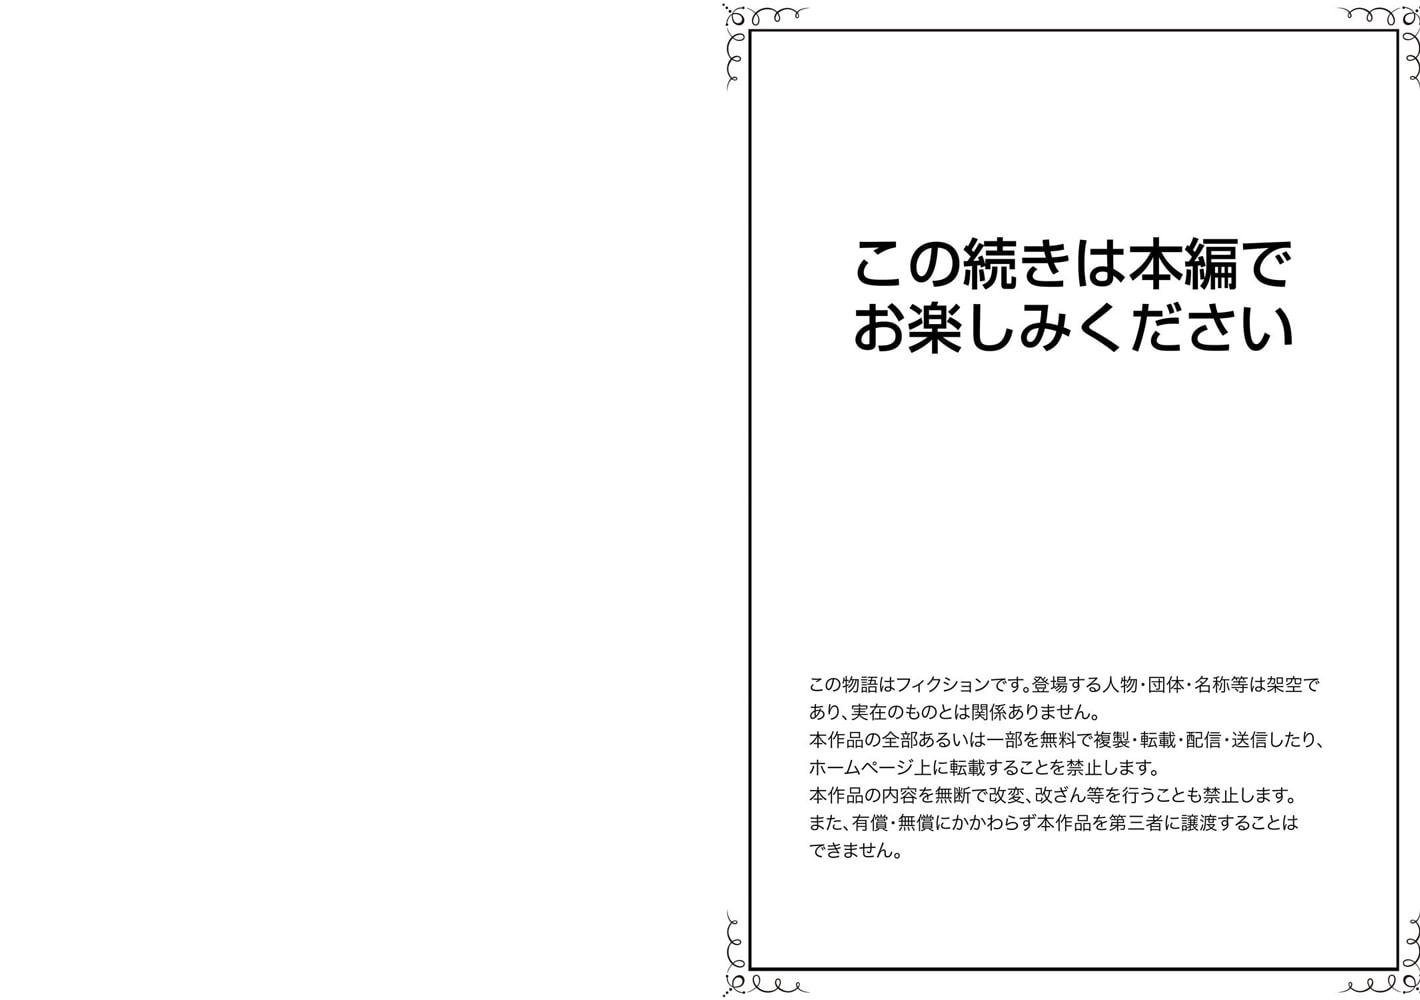 黒ギャルと密着プールSEX!-放課後ヤリすぎ委員会-【デラックス版】